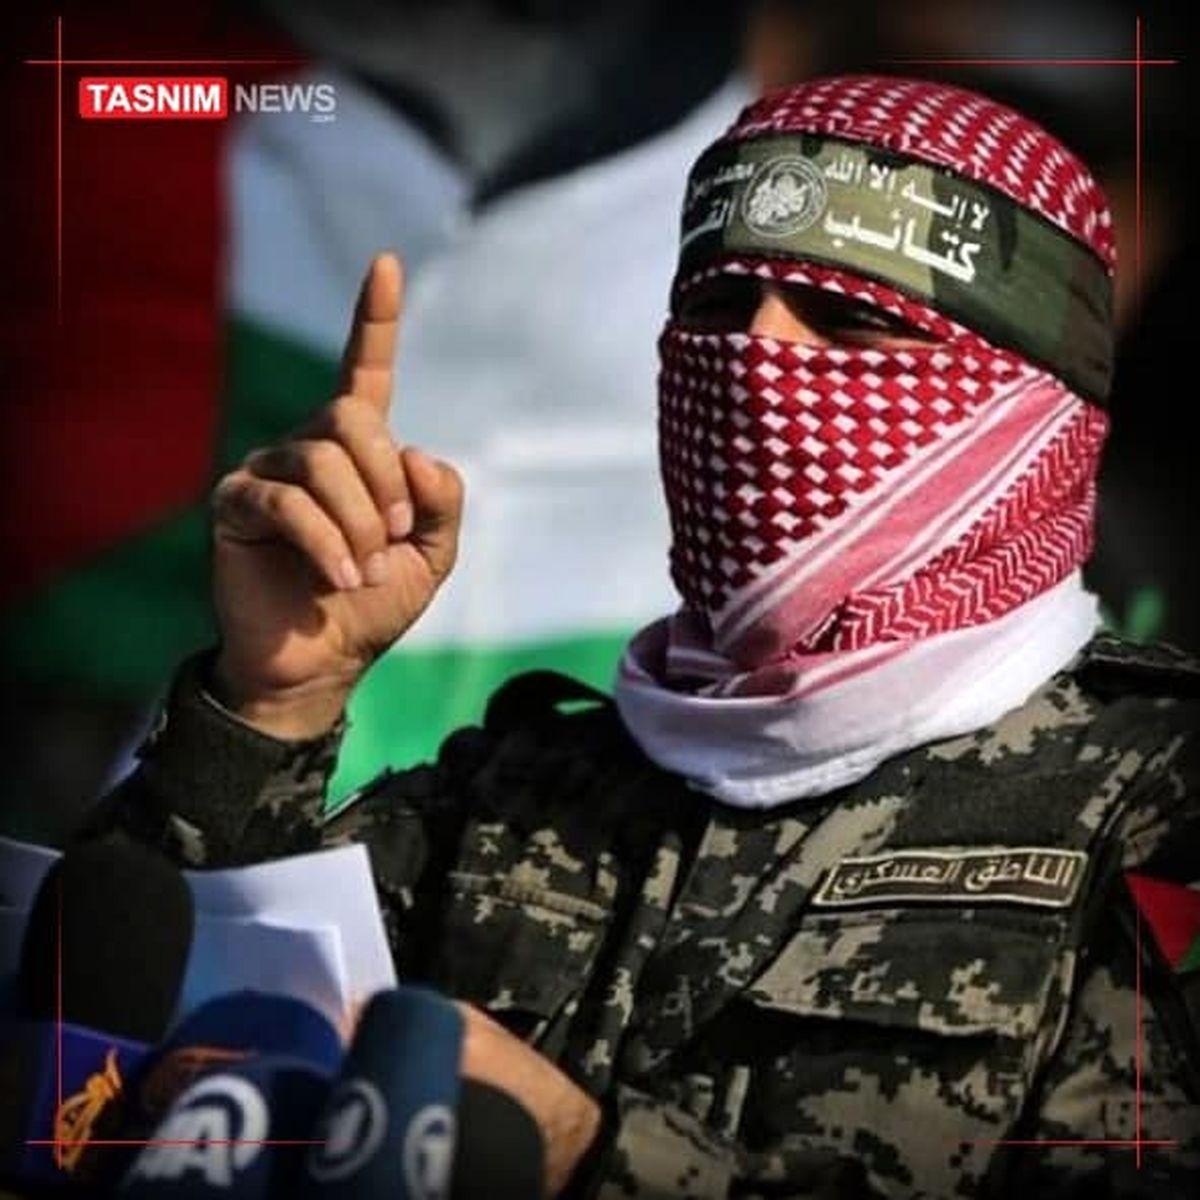 اولتیماتوم مقاومت به رژیم صهیونیستی